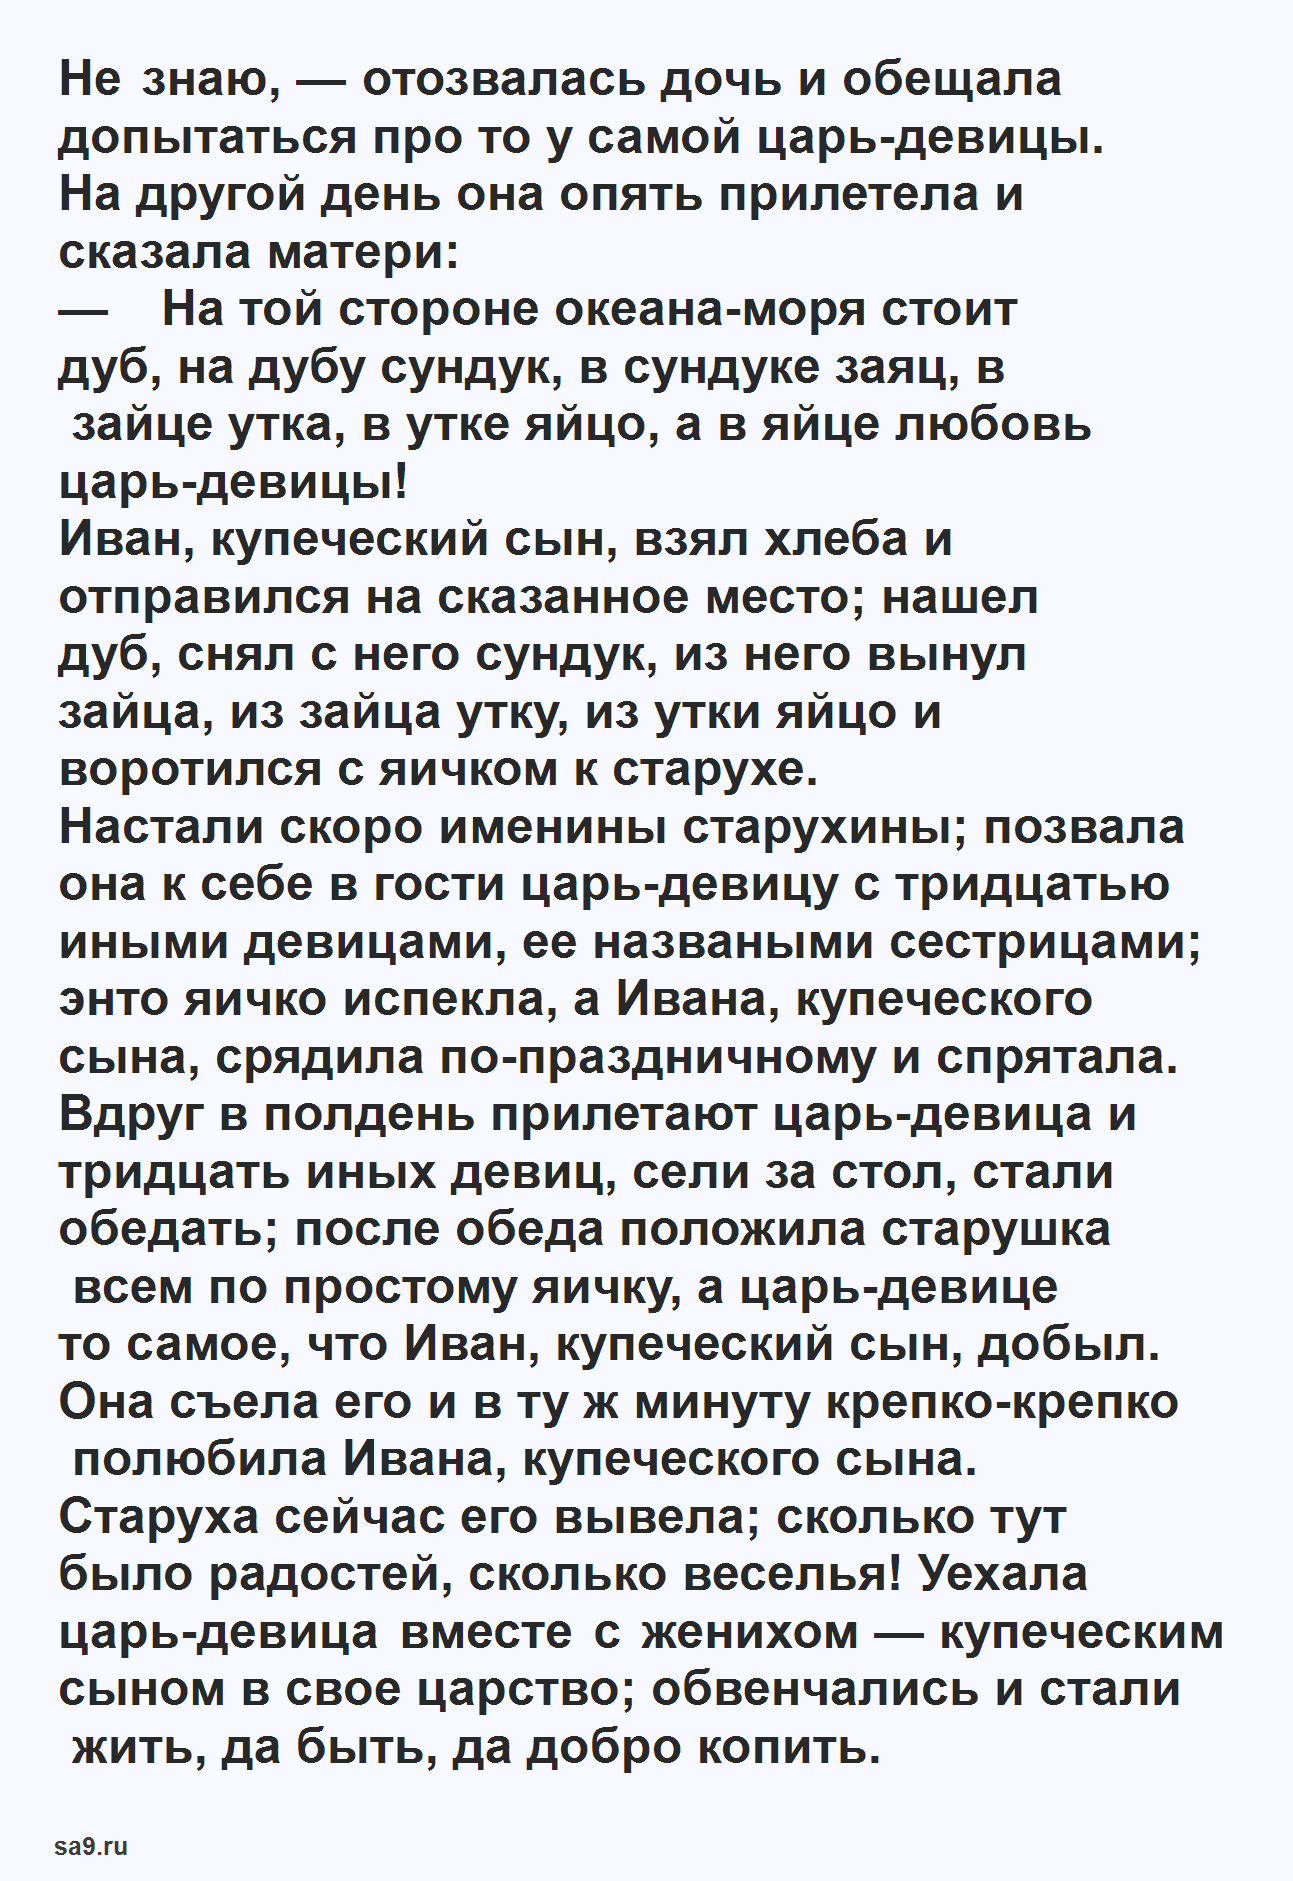 Русская народная сказка - Царь девица, читать онлайн бесплатно